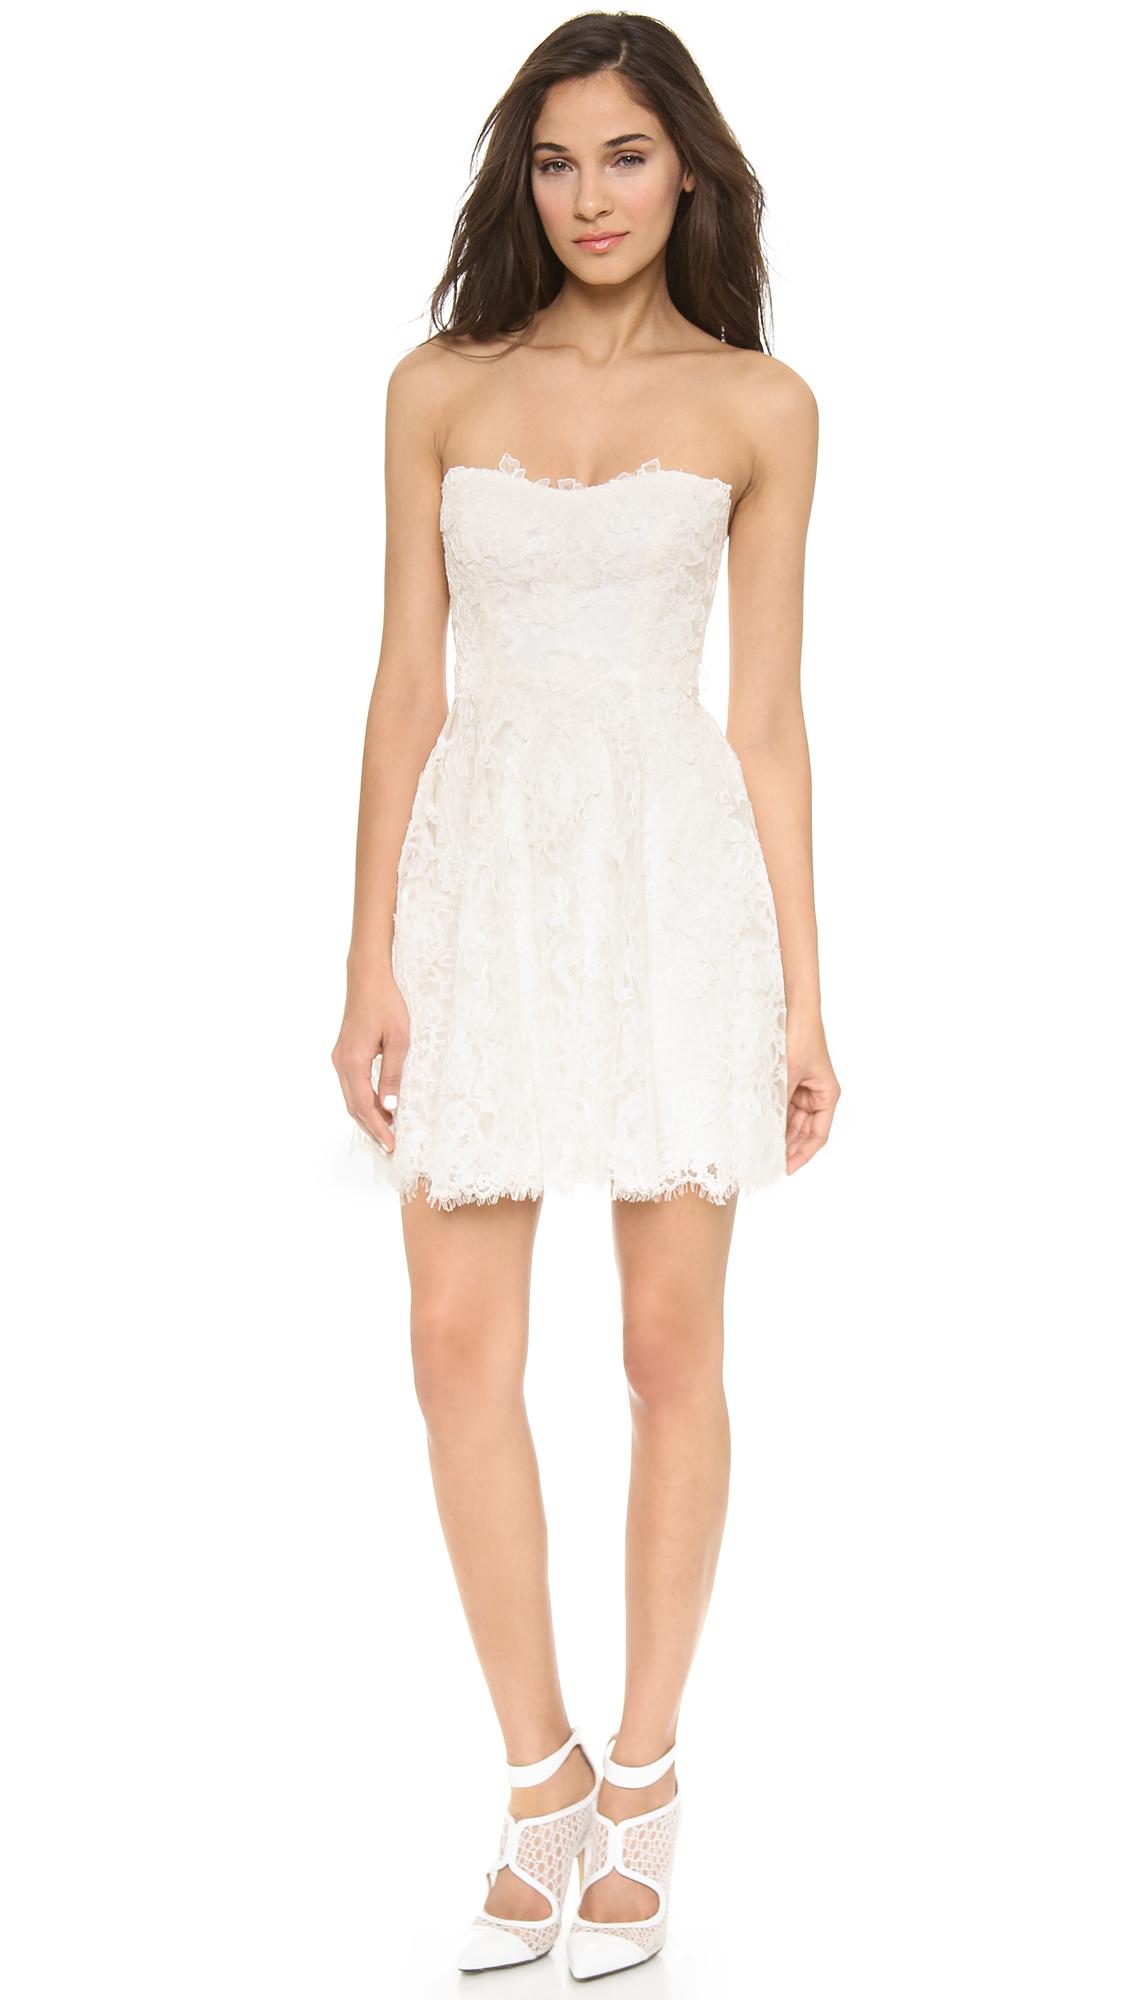 Monique Lhuillier Flirt Lace Mini Dress Shopbop